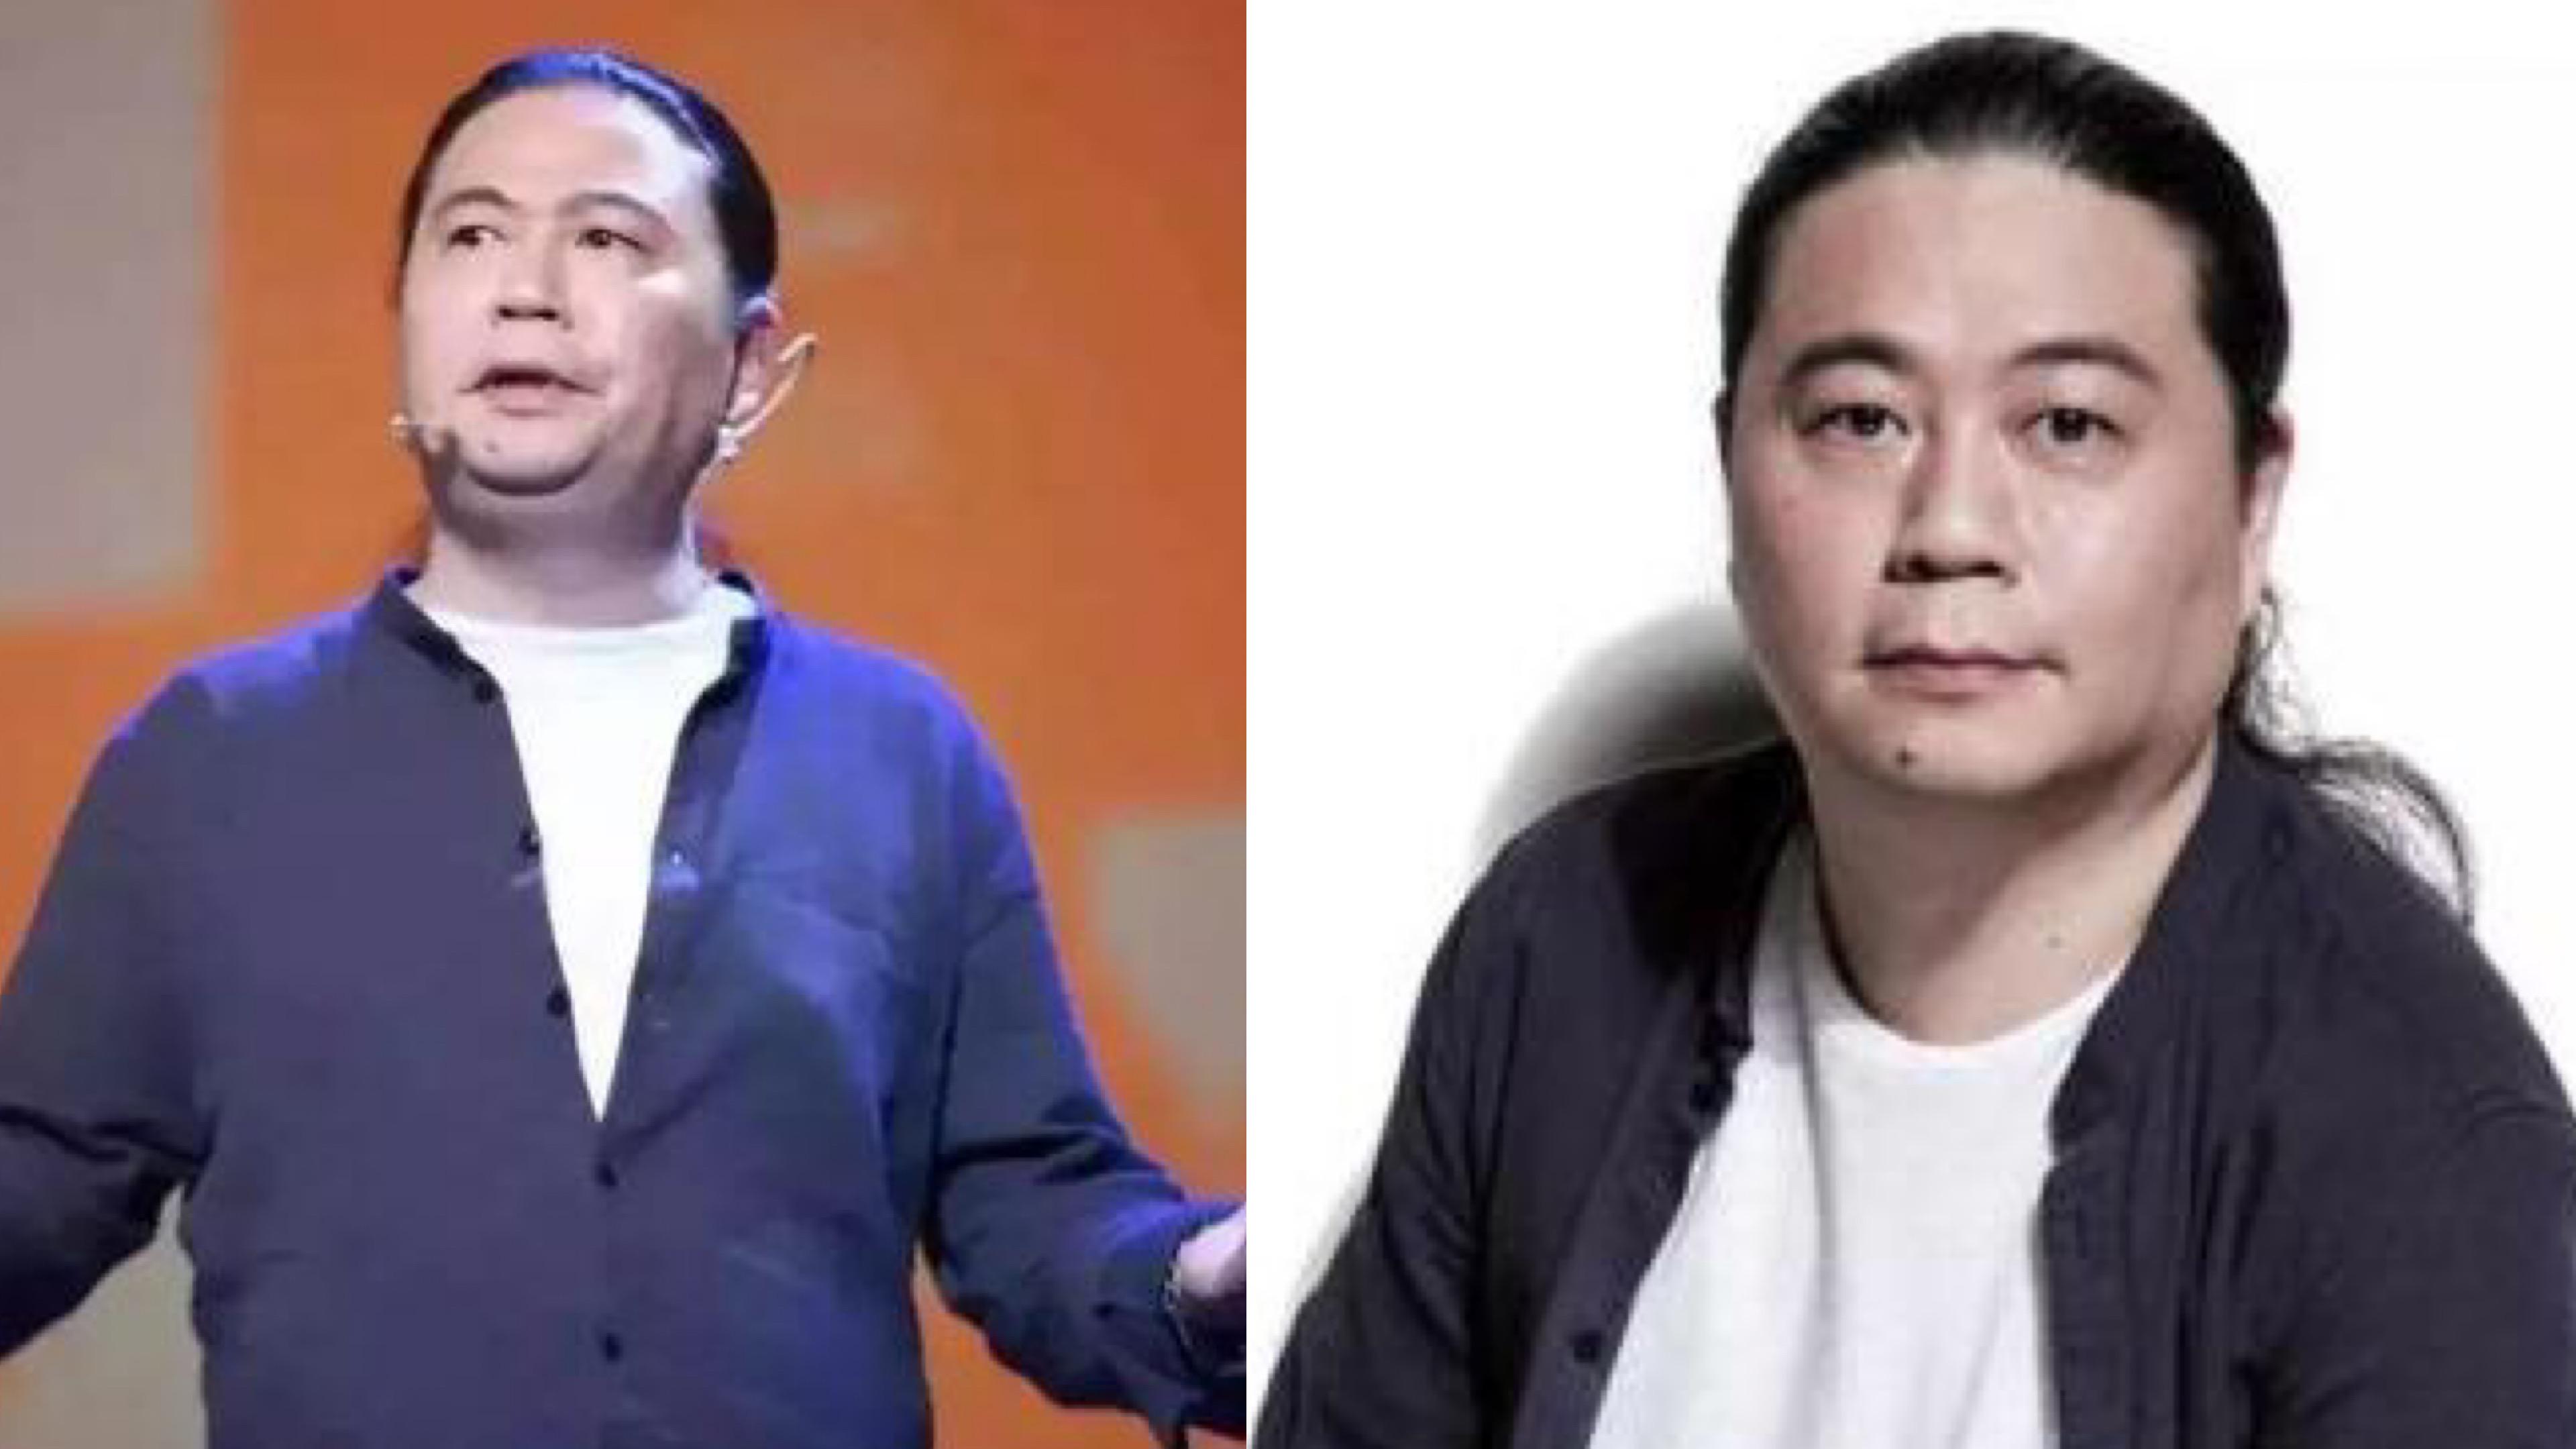 Biên kịch cà khịa cả showbiz - Uông Hải Lâm